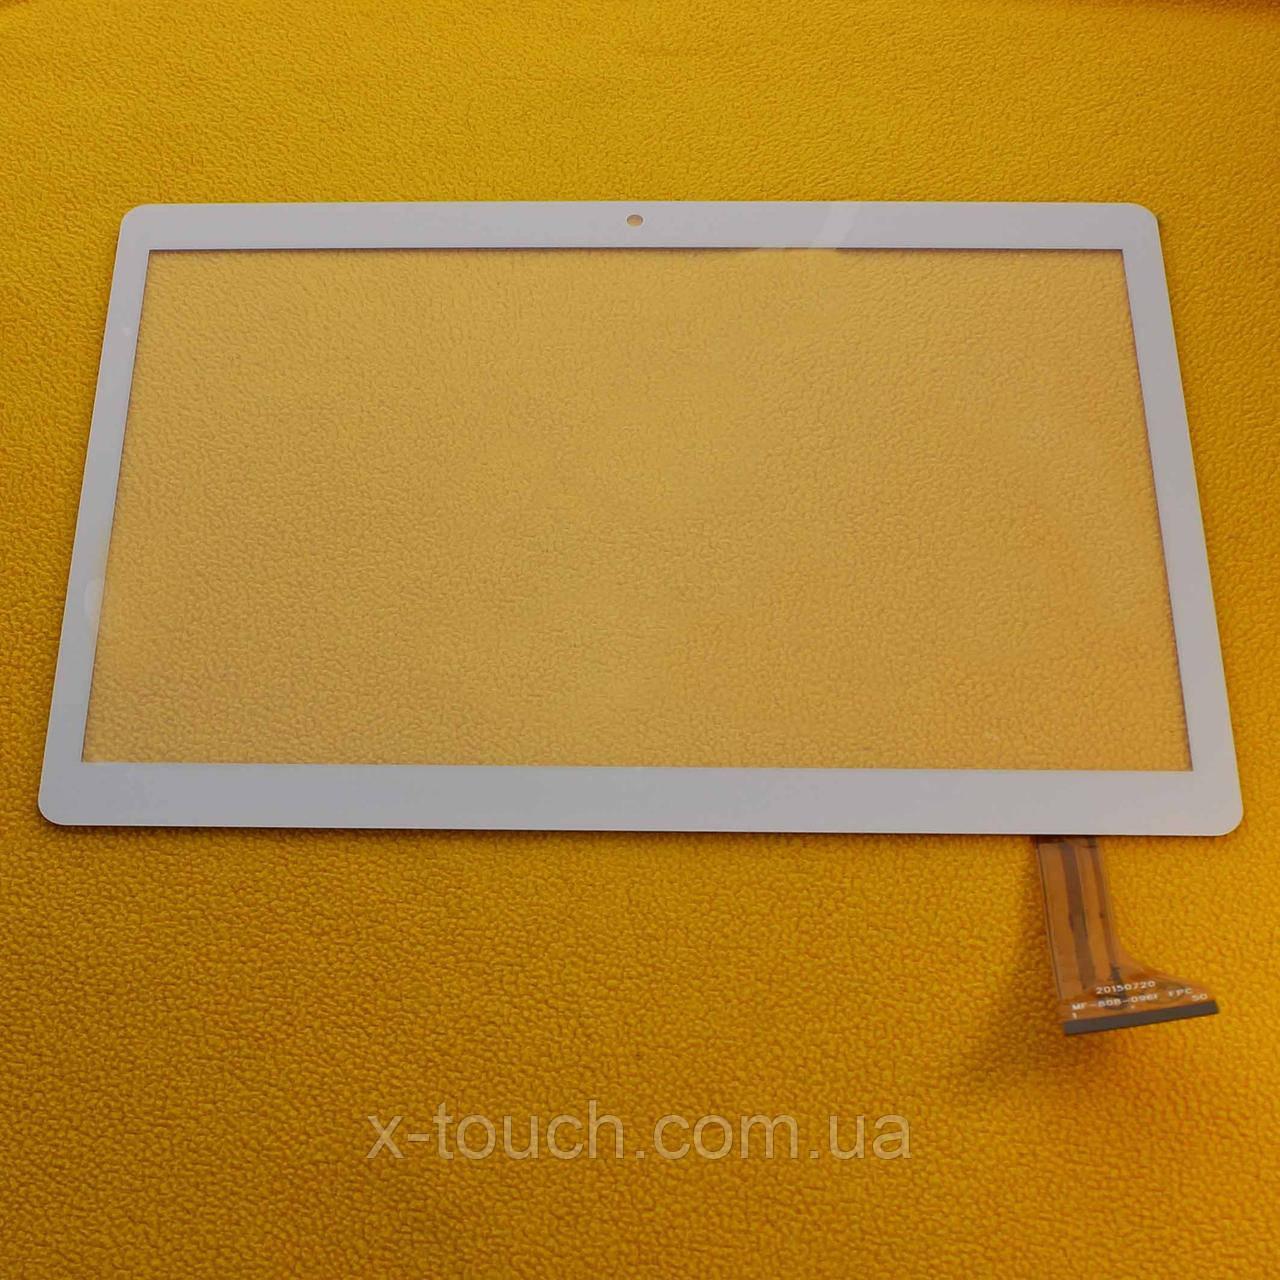 Тачскрин, сенсор GT095PGKT960 V2.0 белый для планшета